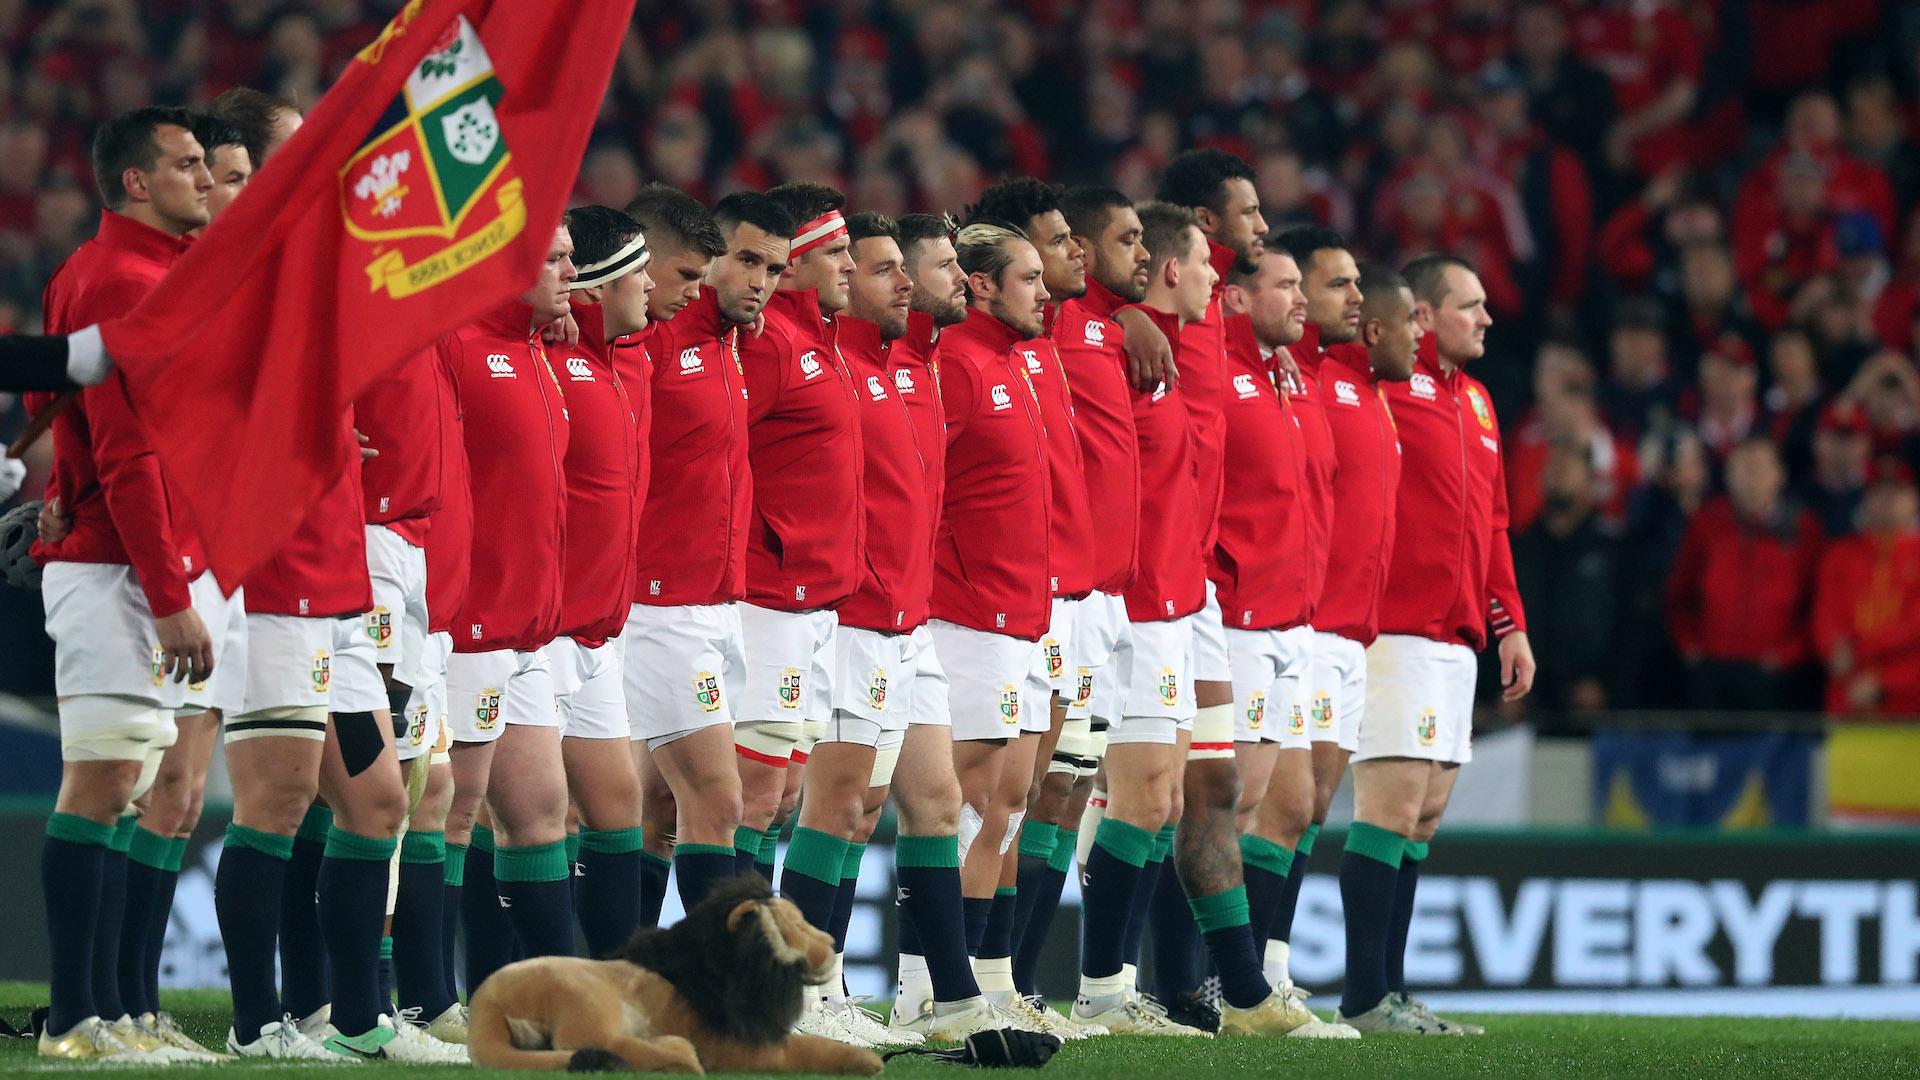 Lions announce Santander partnership